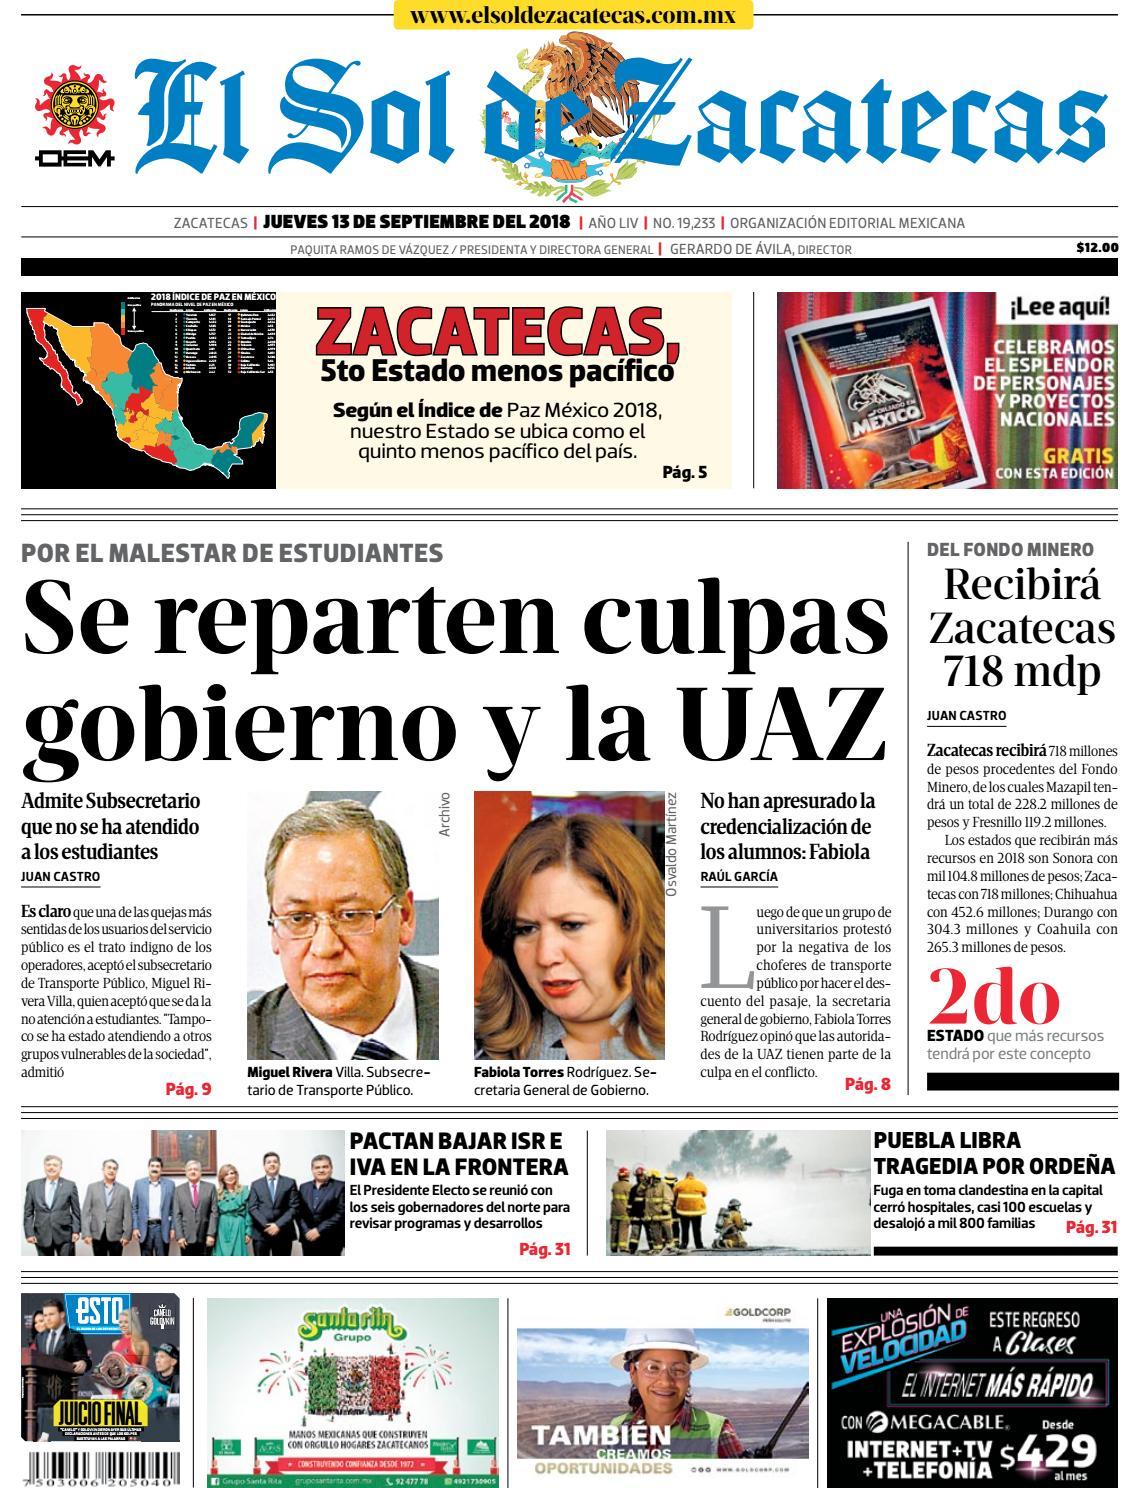 El Sol de Zacatecas 13 de septiembre 2018 by El Sol de Zacatecas - issuu 66e2946772dbc